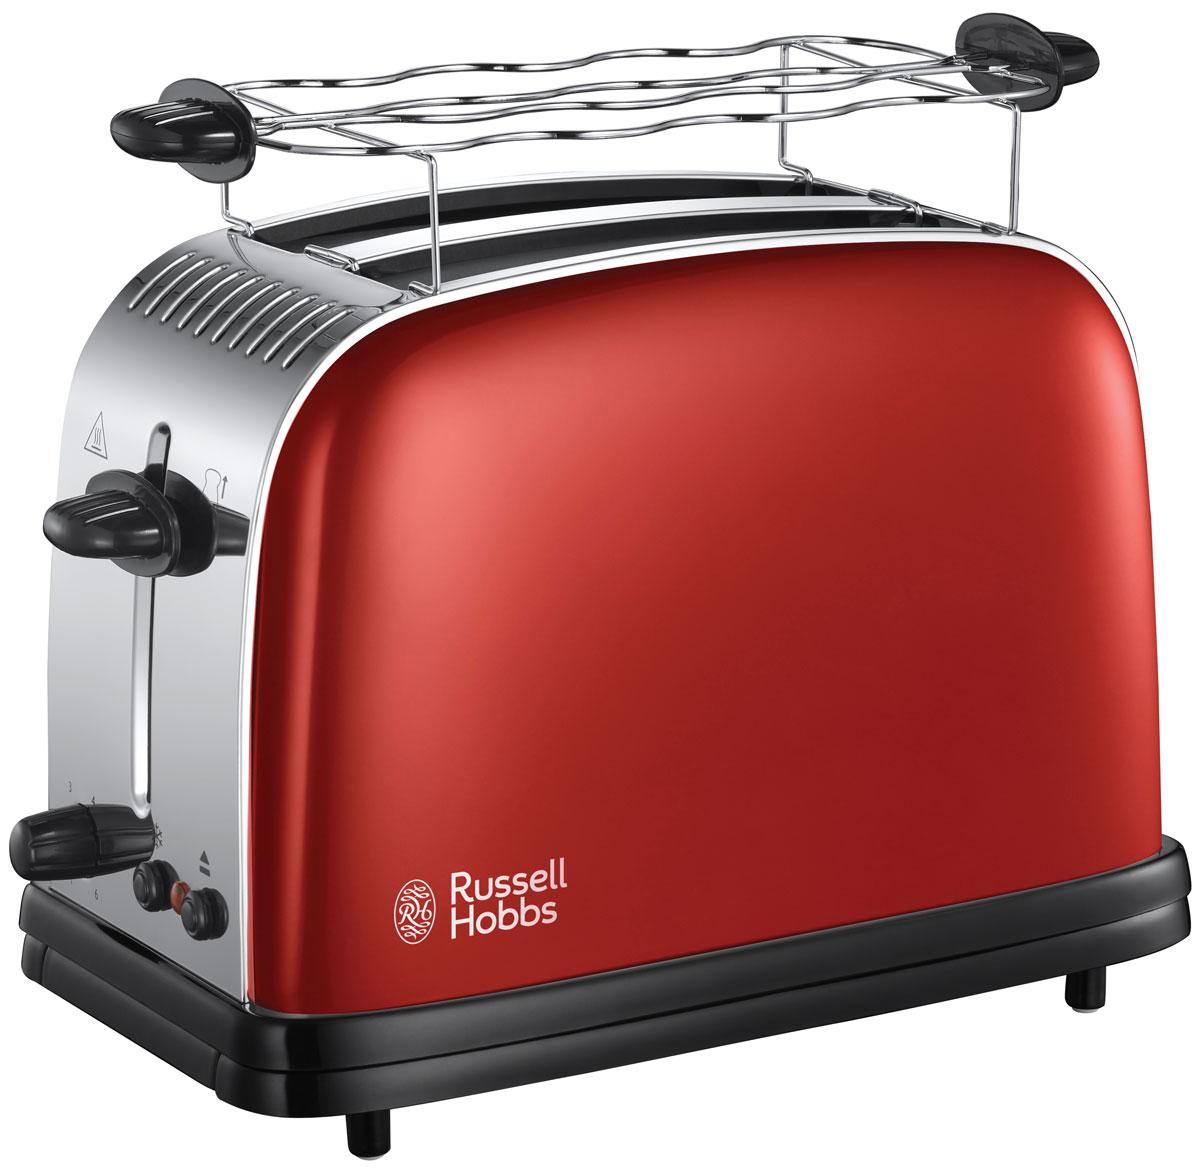 Russell Hobbs 23330-56 тостер23330-56Теперь приготовление тостов стало еще быстрее благодаря более эффективной системе нагрева.В широких слотах поместятся толстые ломтики хлеба и сдобные булочки. Это значит, что вы всегда будете готовить ваши любимые тосты из любого хлеба и с нужной степенью поджарки. Эти стильные тостеры также оснащены функцией размораживания, которая позволяет поджаривать тосты прямо из замороженного хлеба, что значительно сократит время на приготовление завтрака утром, когда каждая минута на счету.Технология быстрого поджаривания. Функция Lift&Look - подъем тостов для проверки степени поджаривания. Экстраподъем. 2 широких слота. Регулировка степеней поджаривании. Функция отмены и разморозки. Центрирование. Поддон для крошек. Отсек для хранения шнура. Материал - нержавеющая сталь.